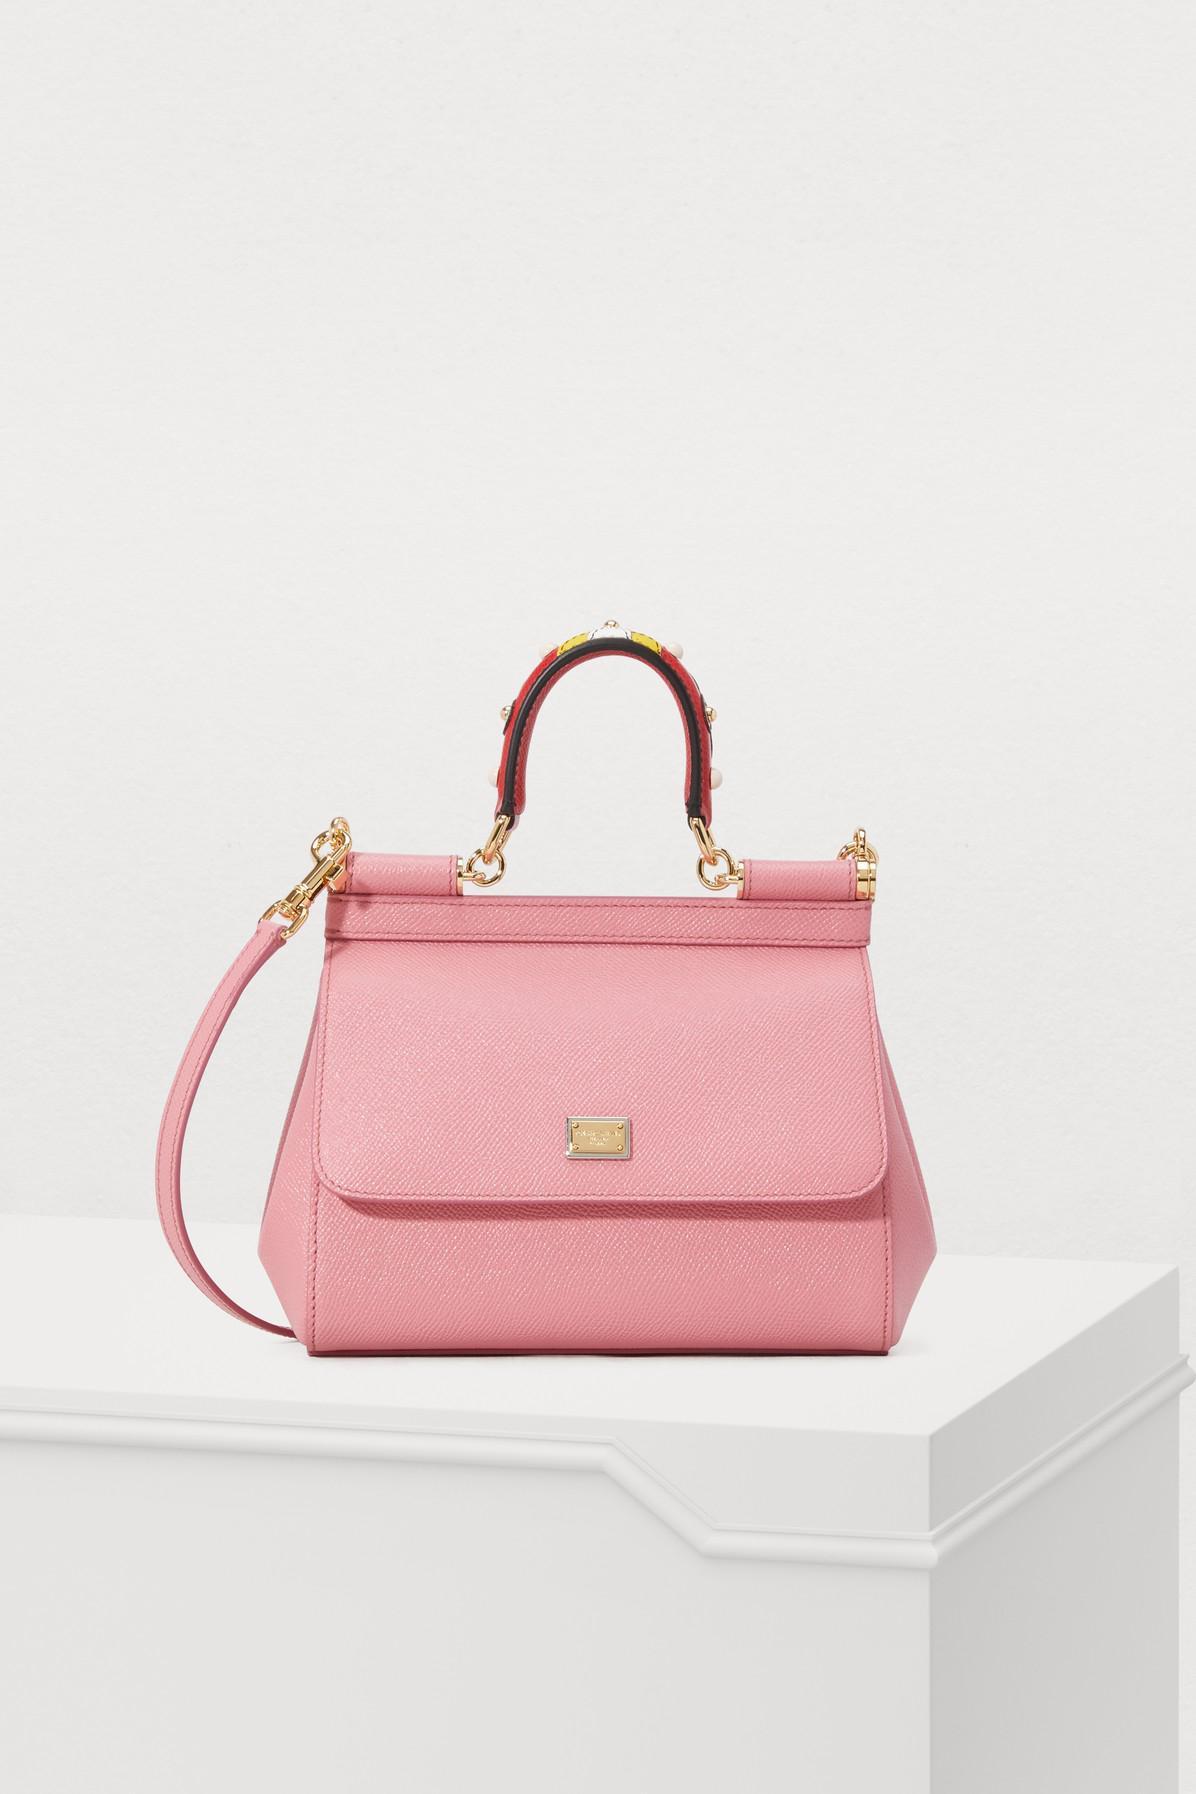 647cd3a5738c Dolce   Gabbana Sicily Pm Shoulder Bag in Pink - Lyst